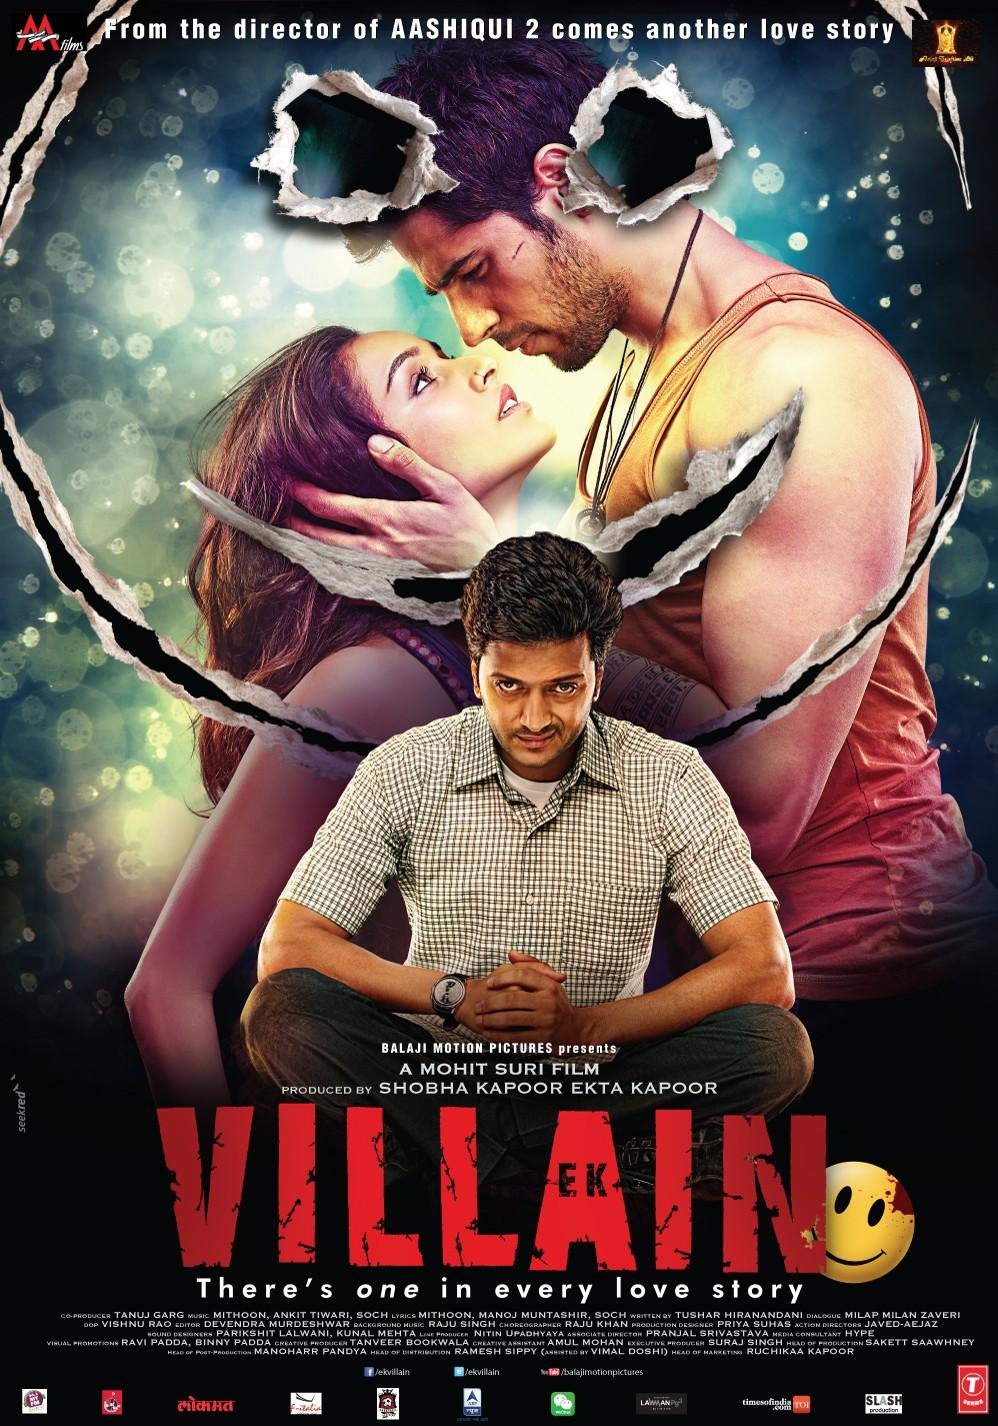 ek_villain_ver2_xlg.jpg